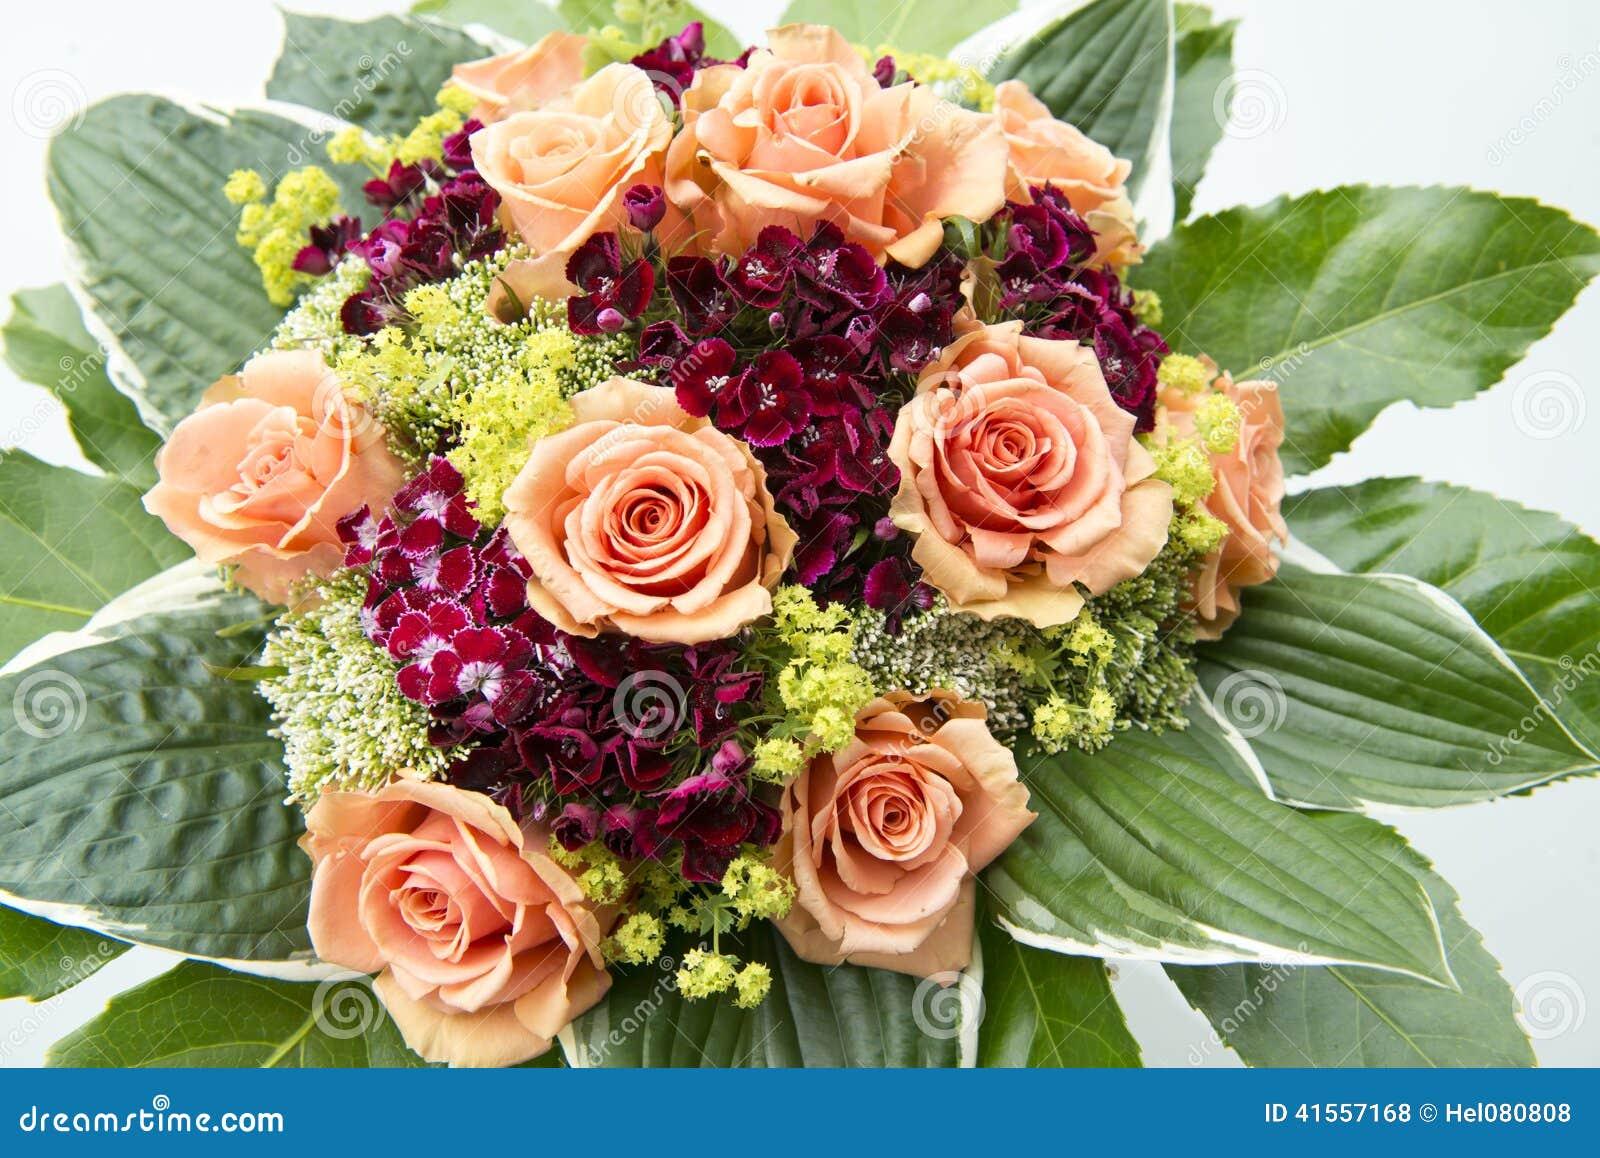 Le bouquet avec les roses oranges et lété rouge et jaune fleurit.